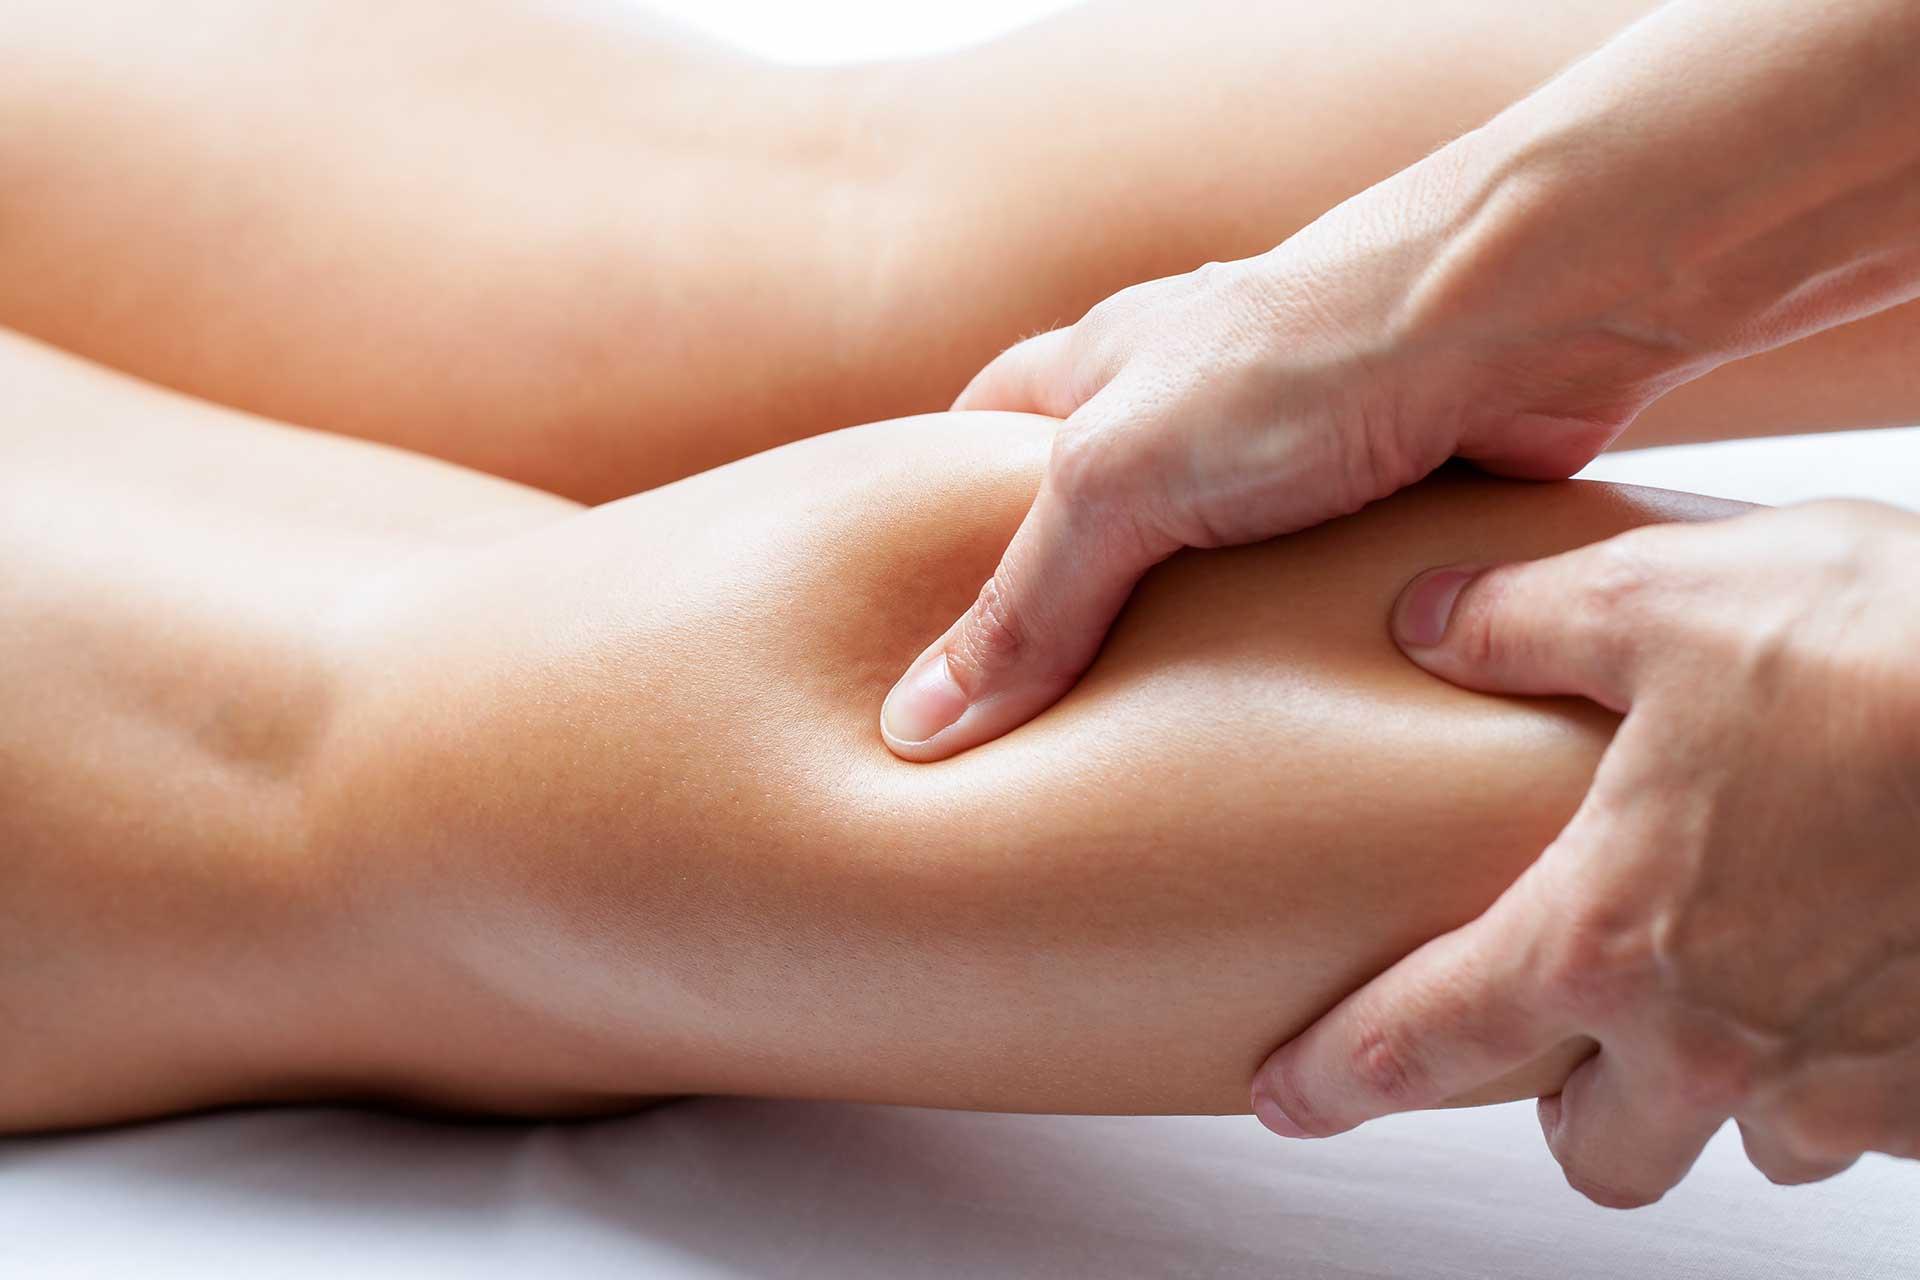 Faszientherapie bei Kinemedic - Praxis für physikalische, orthopädische und rehabilitative Medizin.